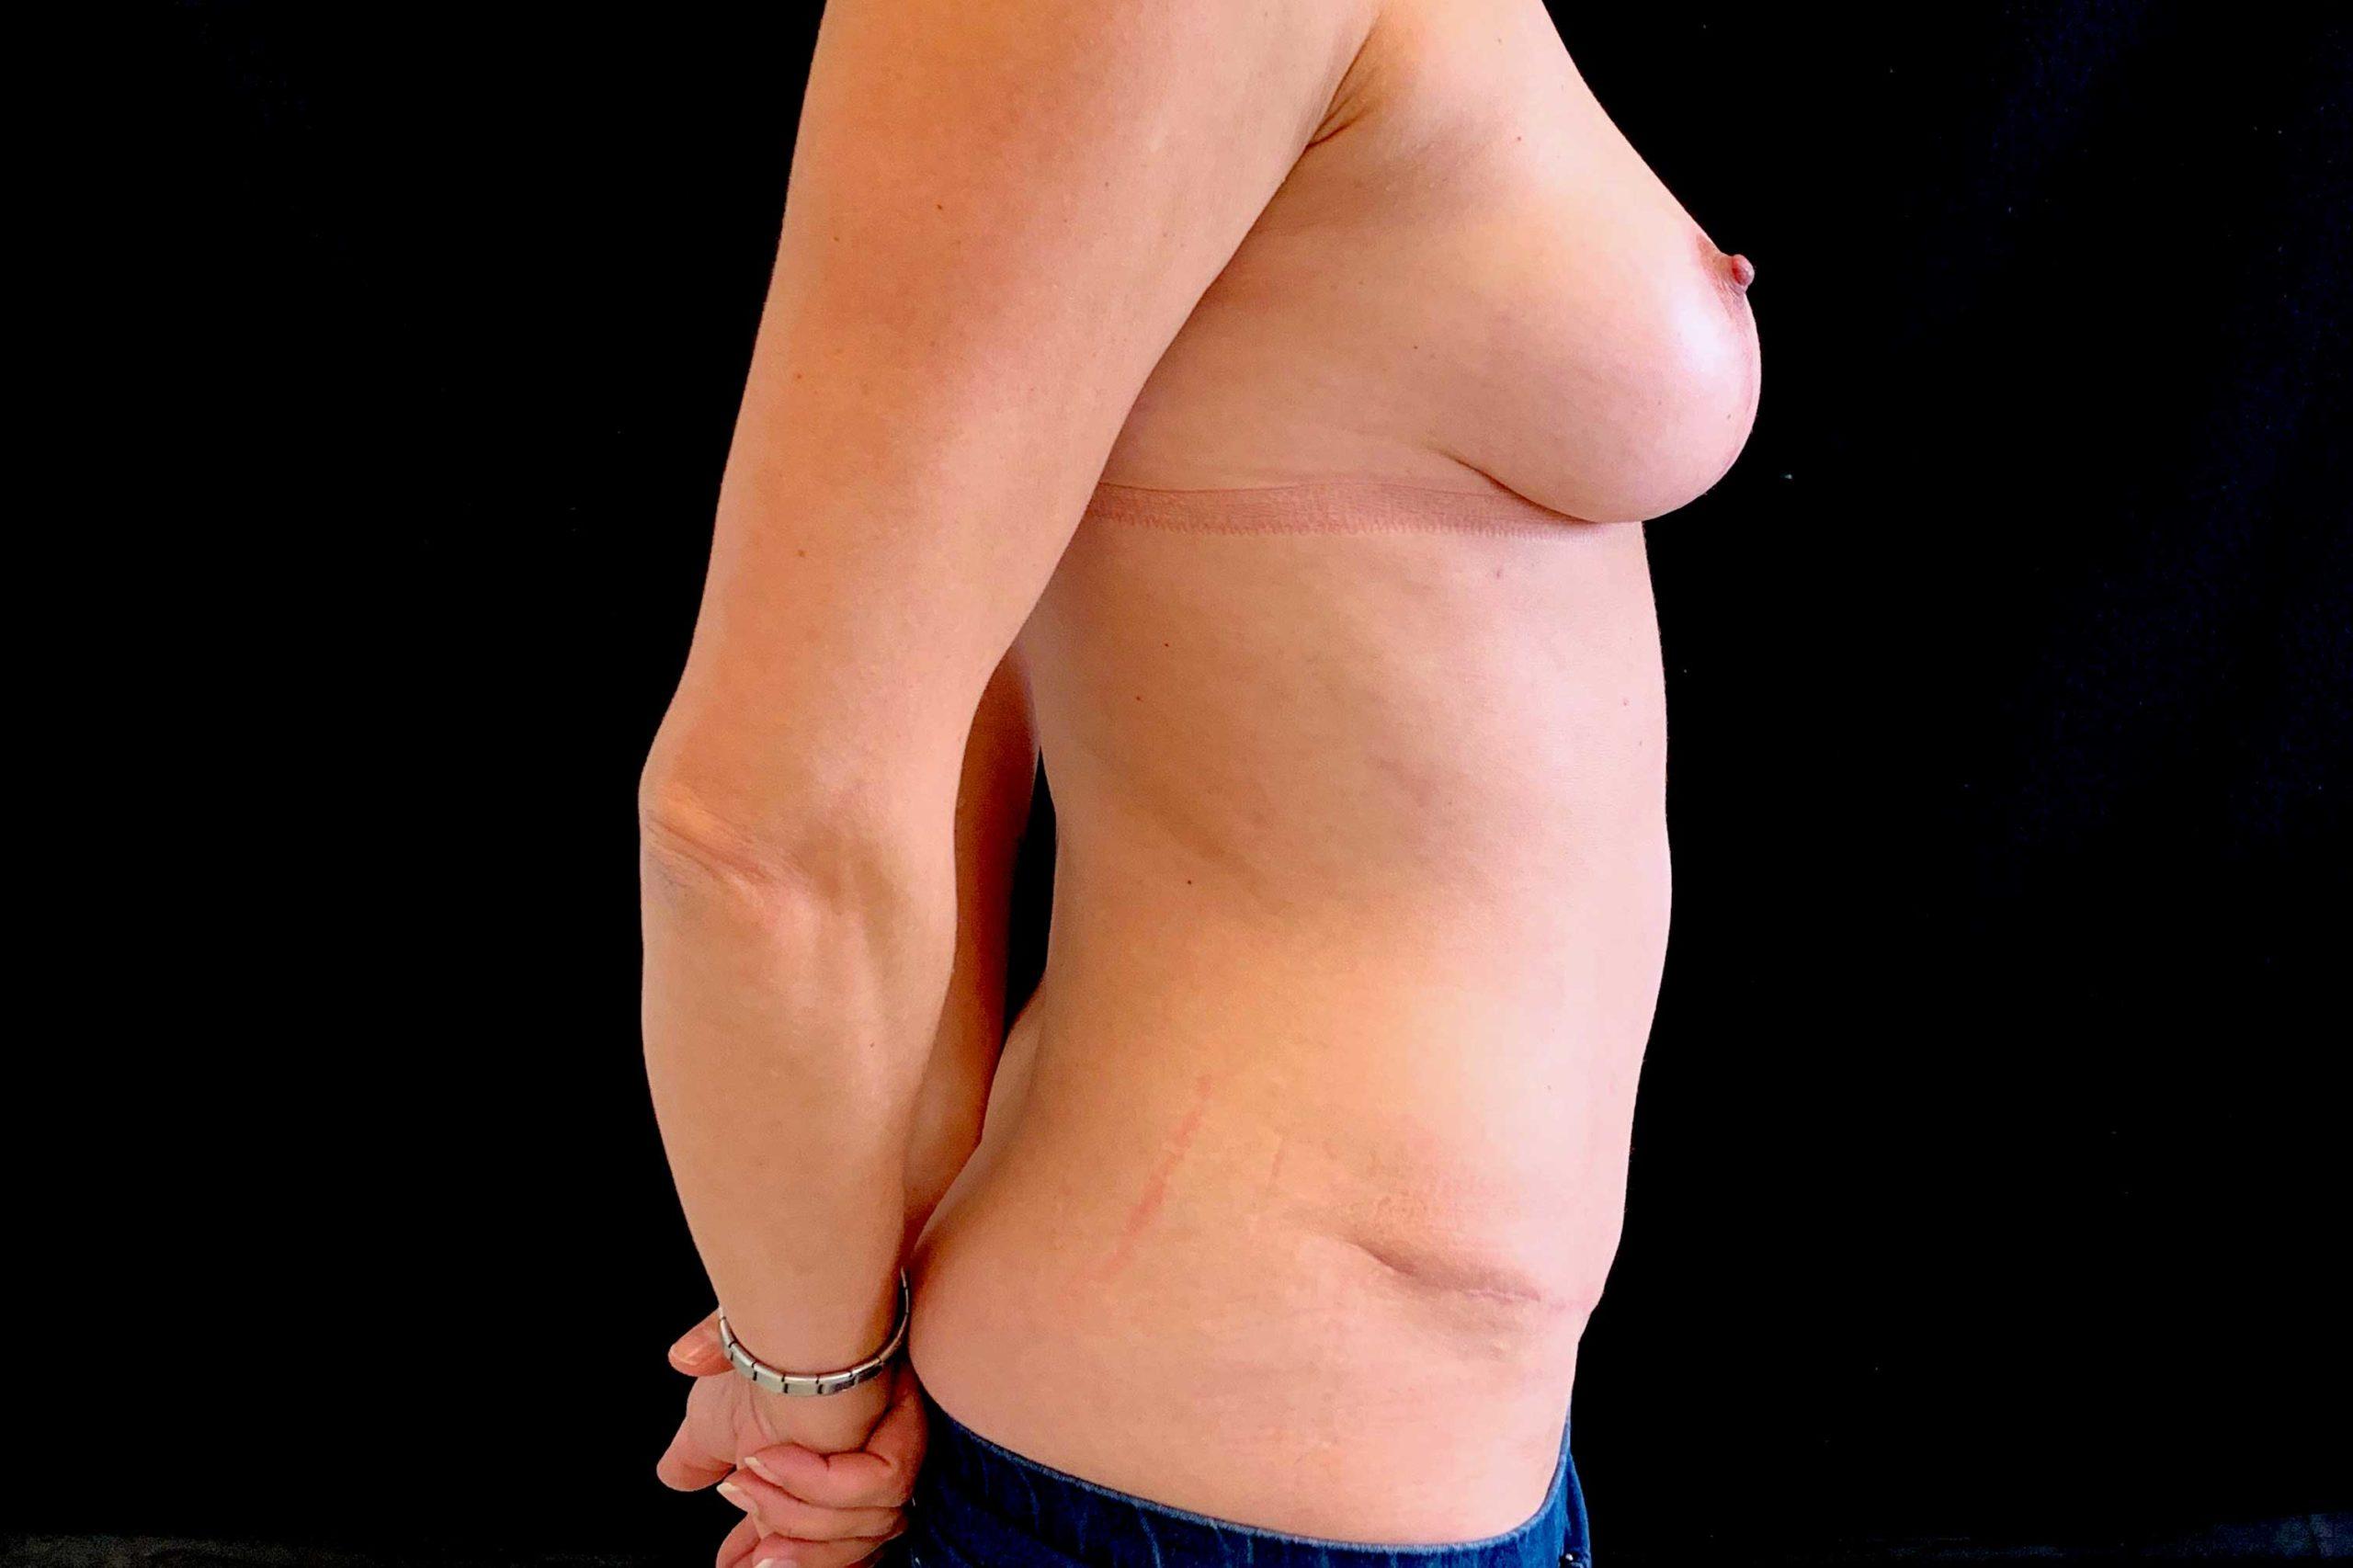 Réduction + Abdominoplastie 2 (Après)